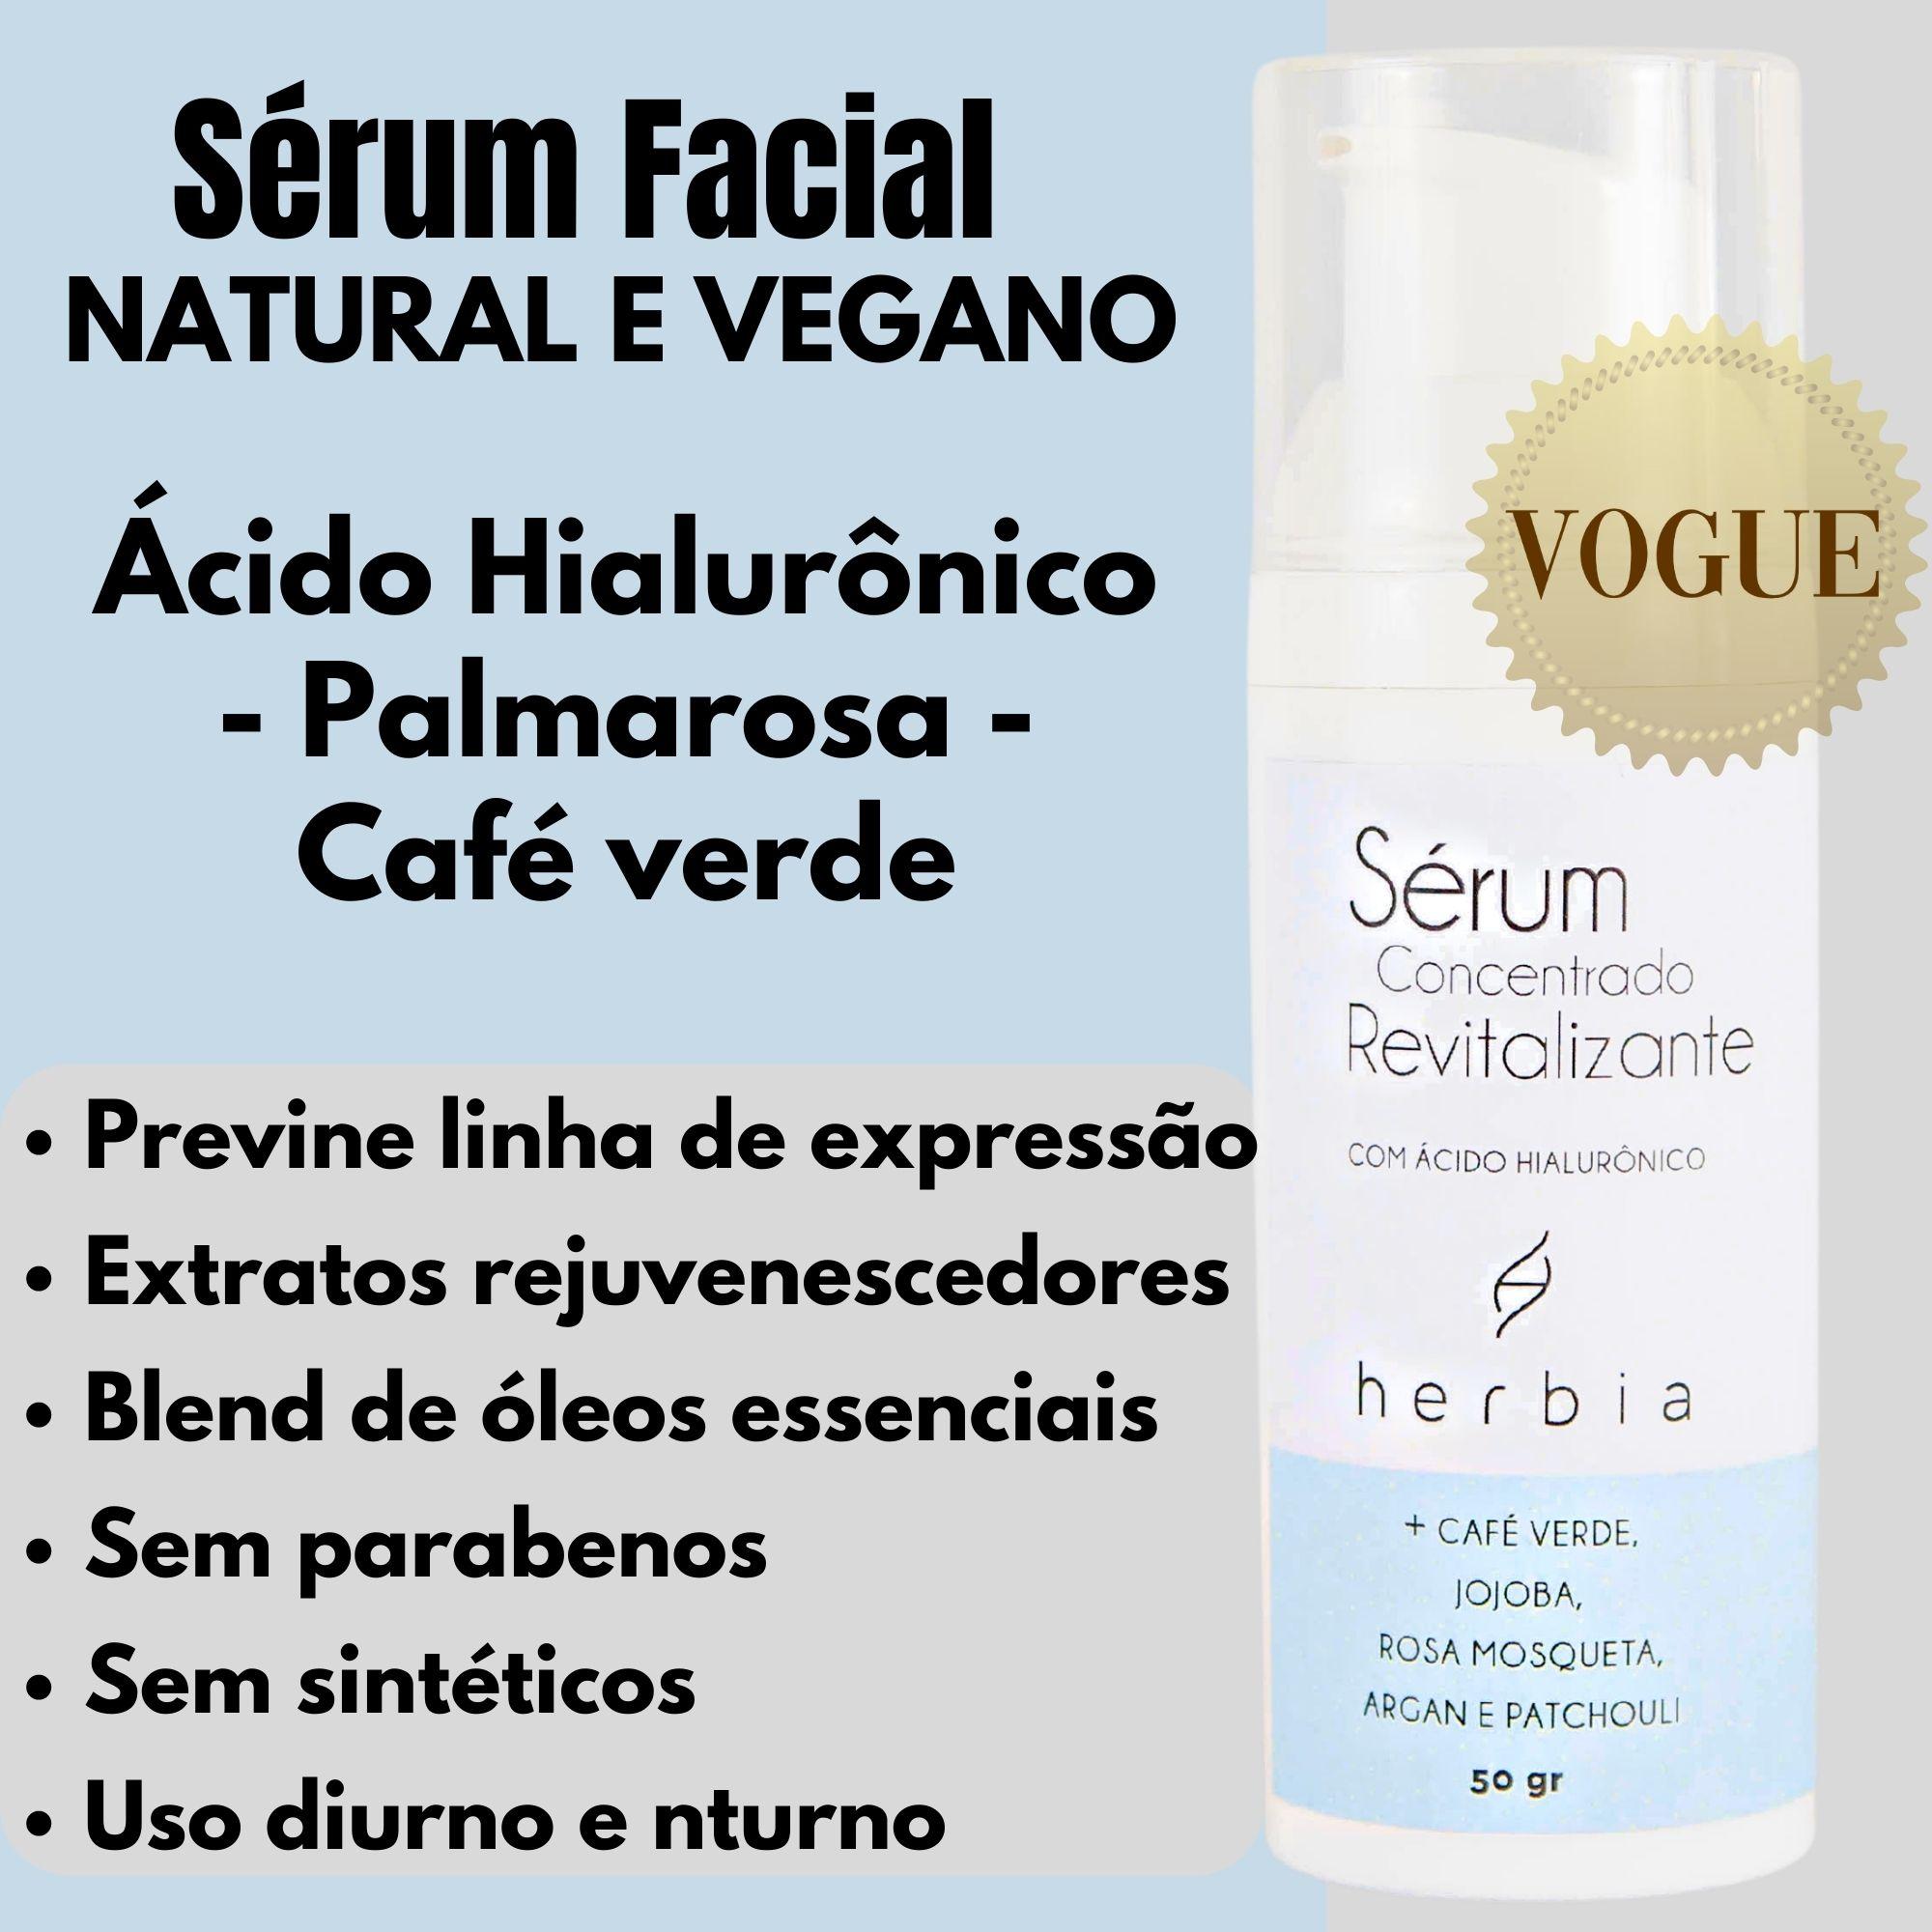 Sérum Facial Natural com Ácido Hialurônico | VEGANO